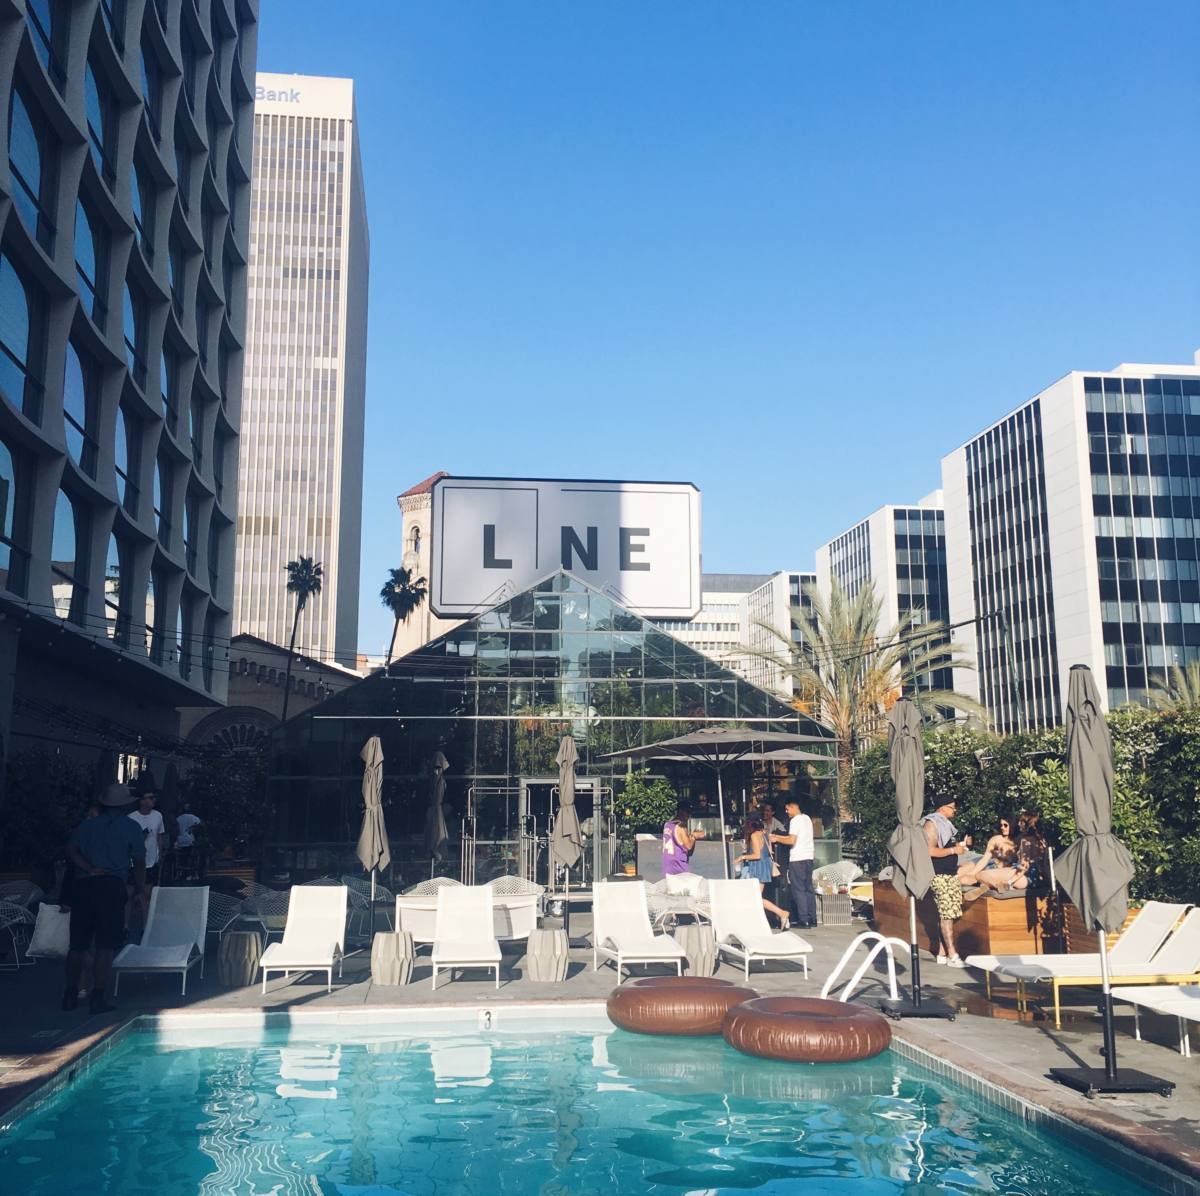 la city guide the line hotel